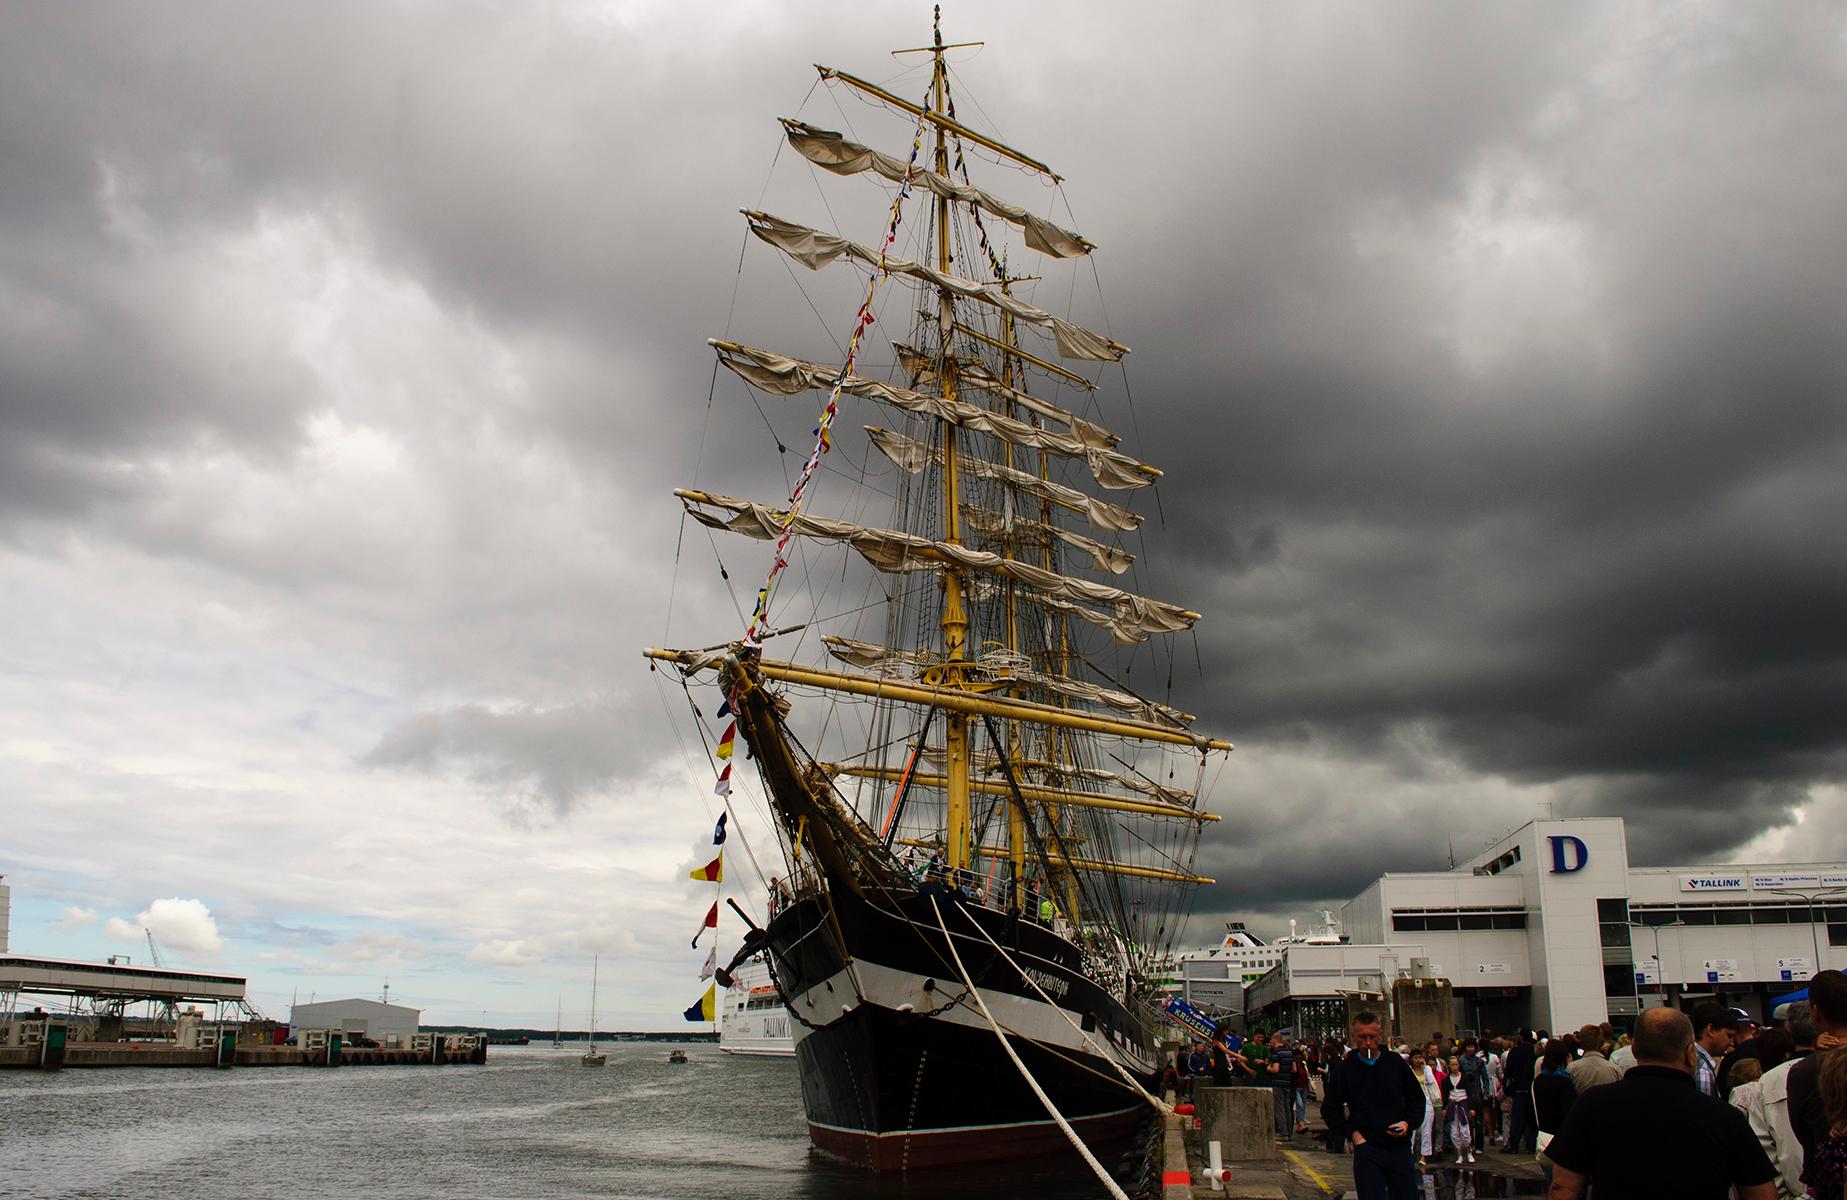 парком корабли заходят в гавань картинки некоторых случаях